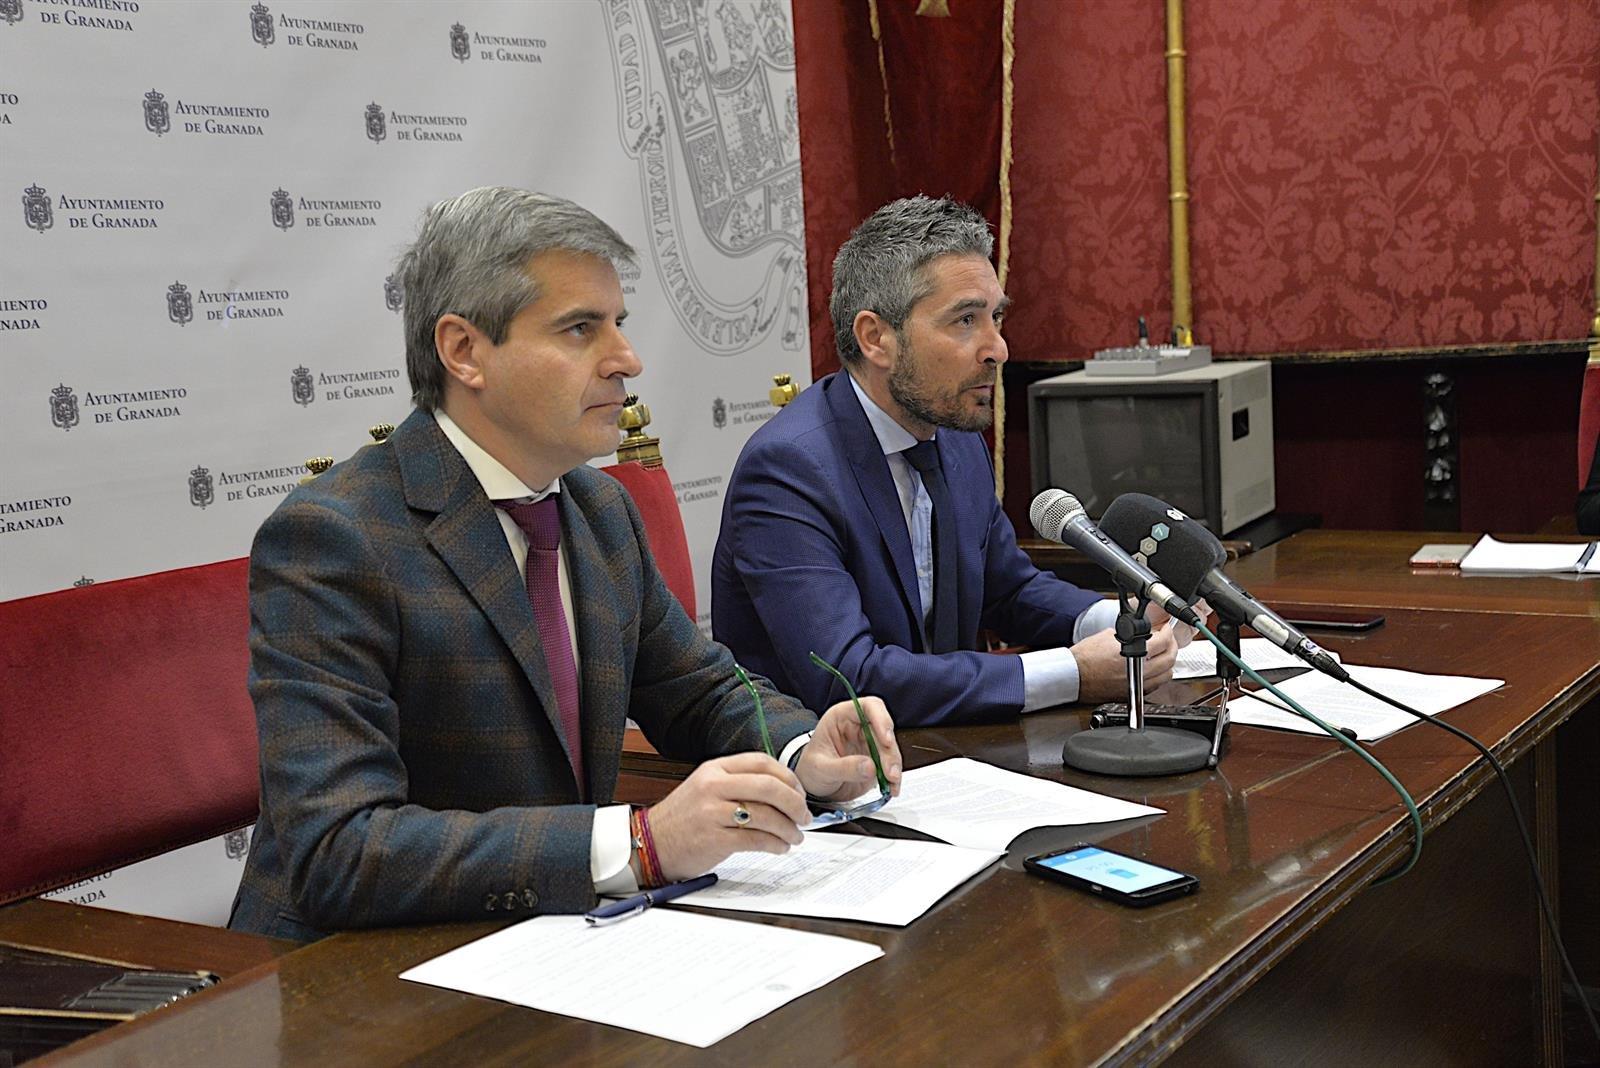 El alcalde retomará la presidencia de la comisión de grandes contratos tras dejarla el portavoz de Vox